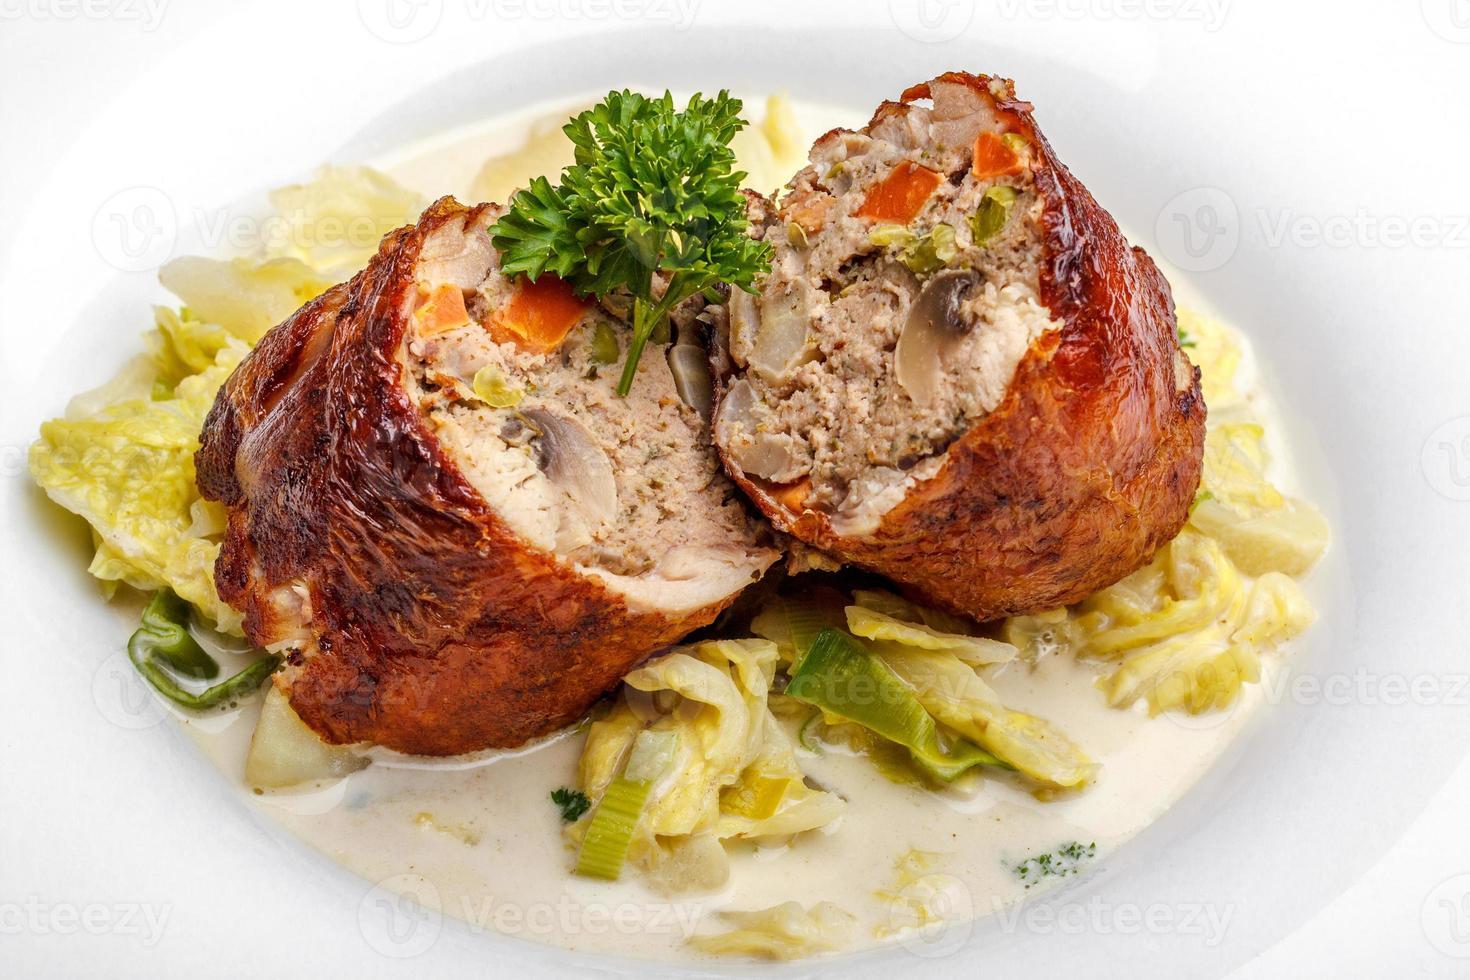 gevulde kip met boerenkool en romige aardappel foto